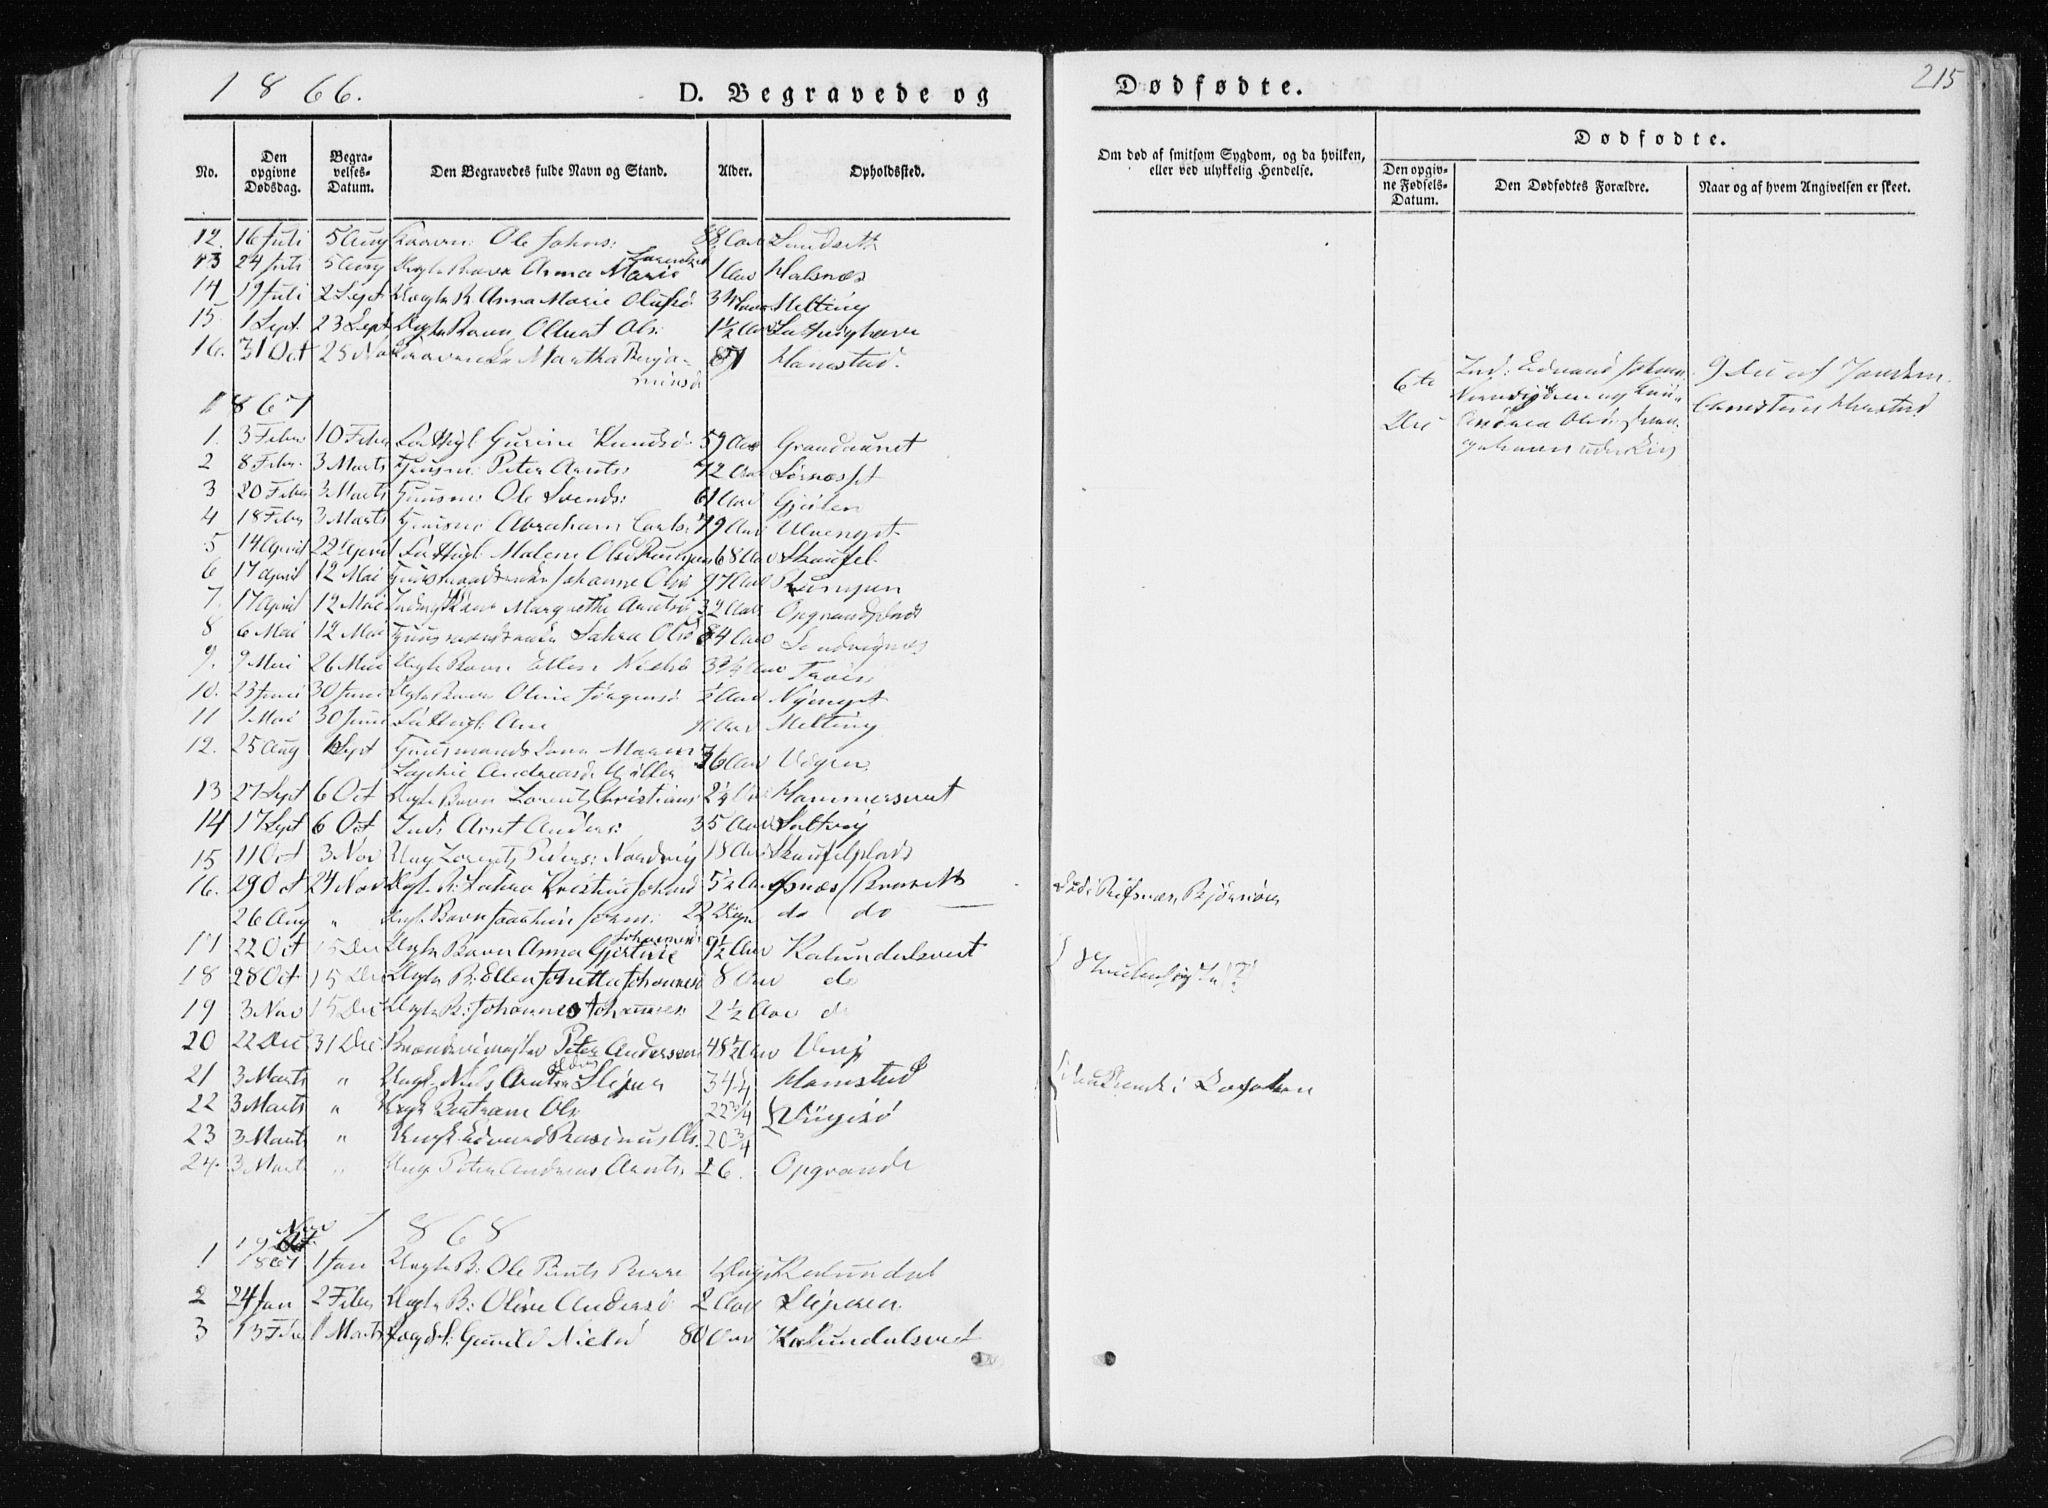 SAT, Ministerialprotokoller, klokkerbøker og fødselsregistre - Nord-Trøndelag, 733/L0323: Ministerialbok nr. 733A02, 1843-1870, s. 215